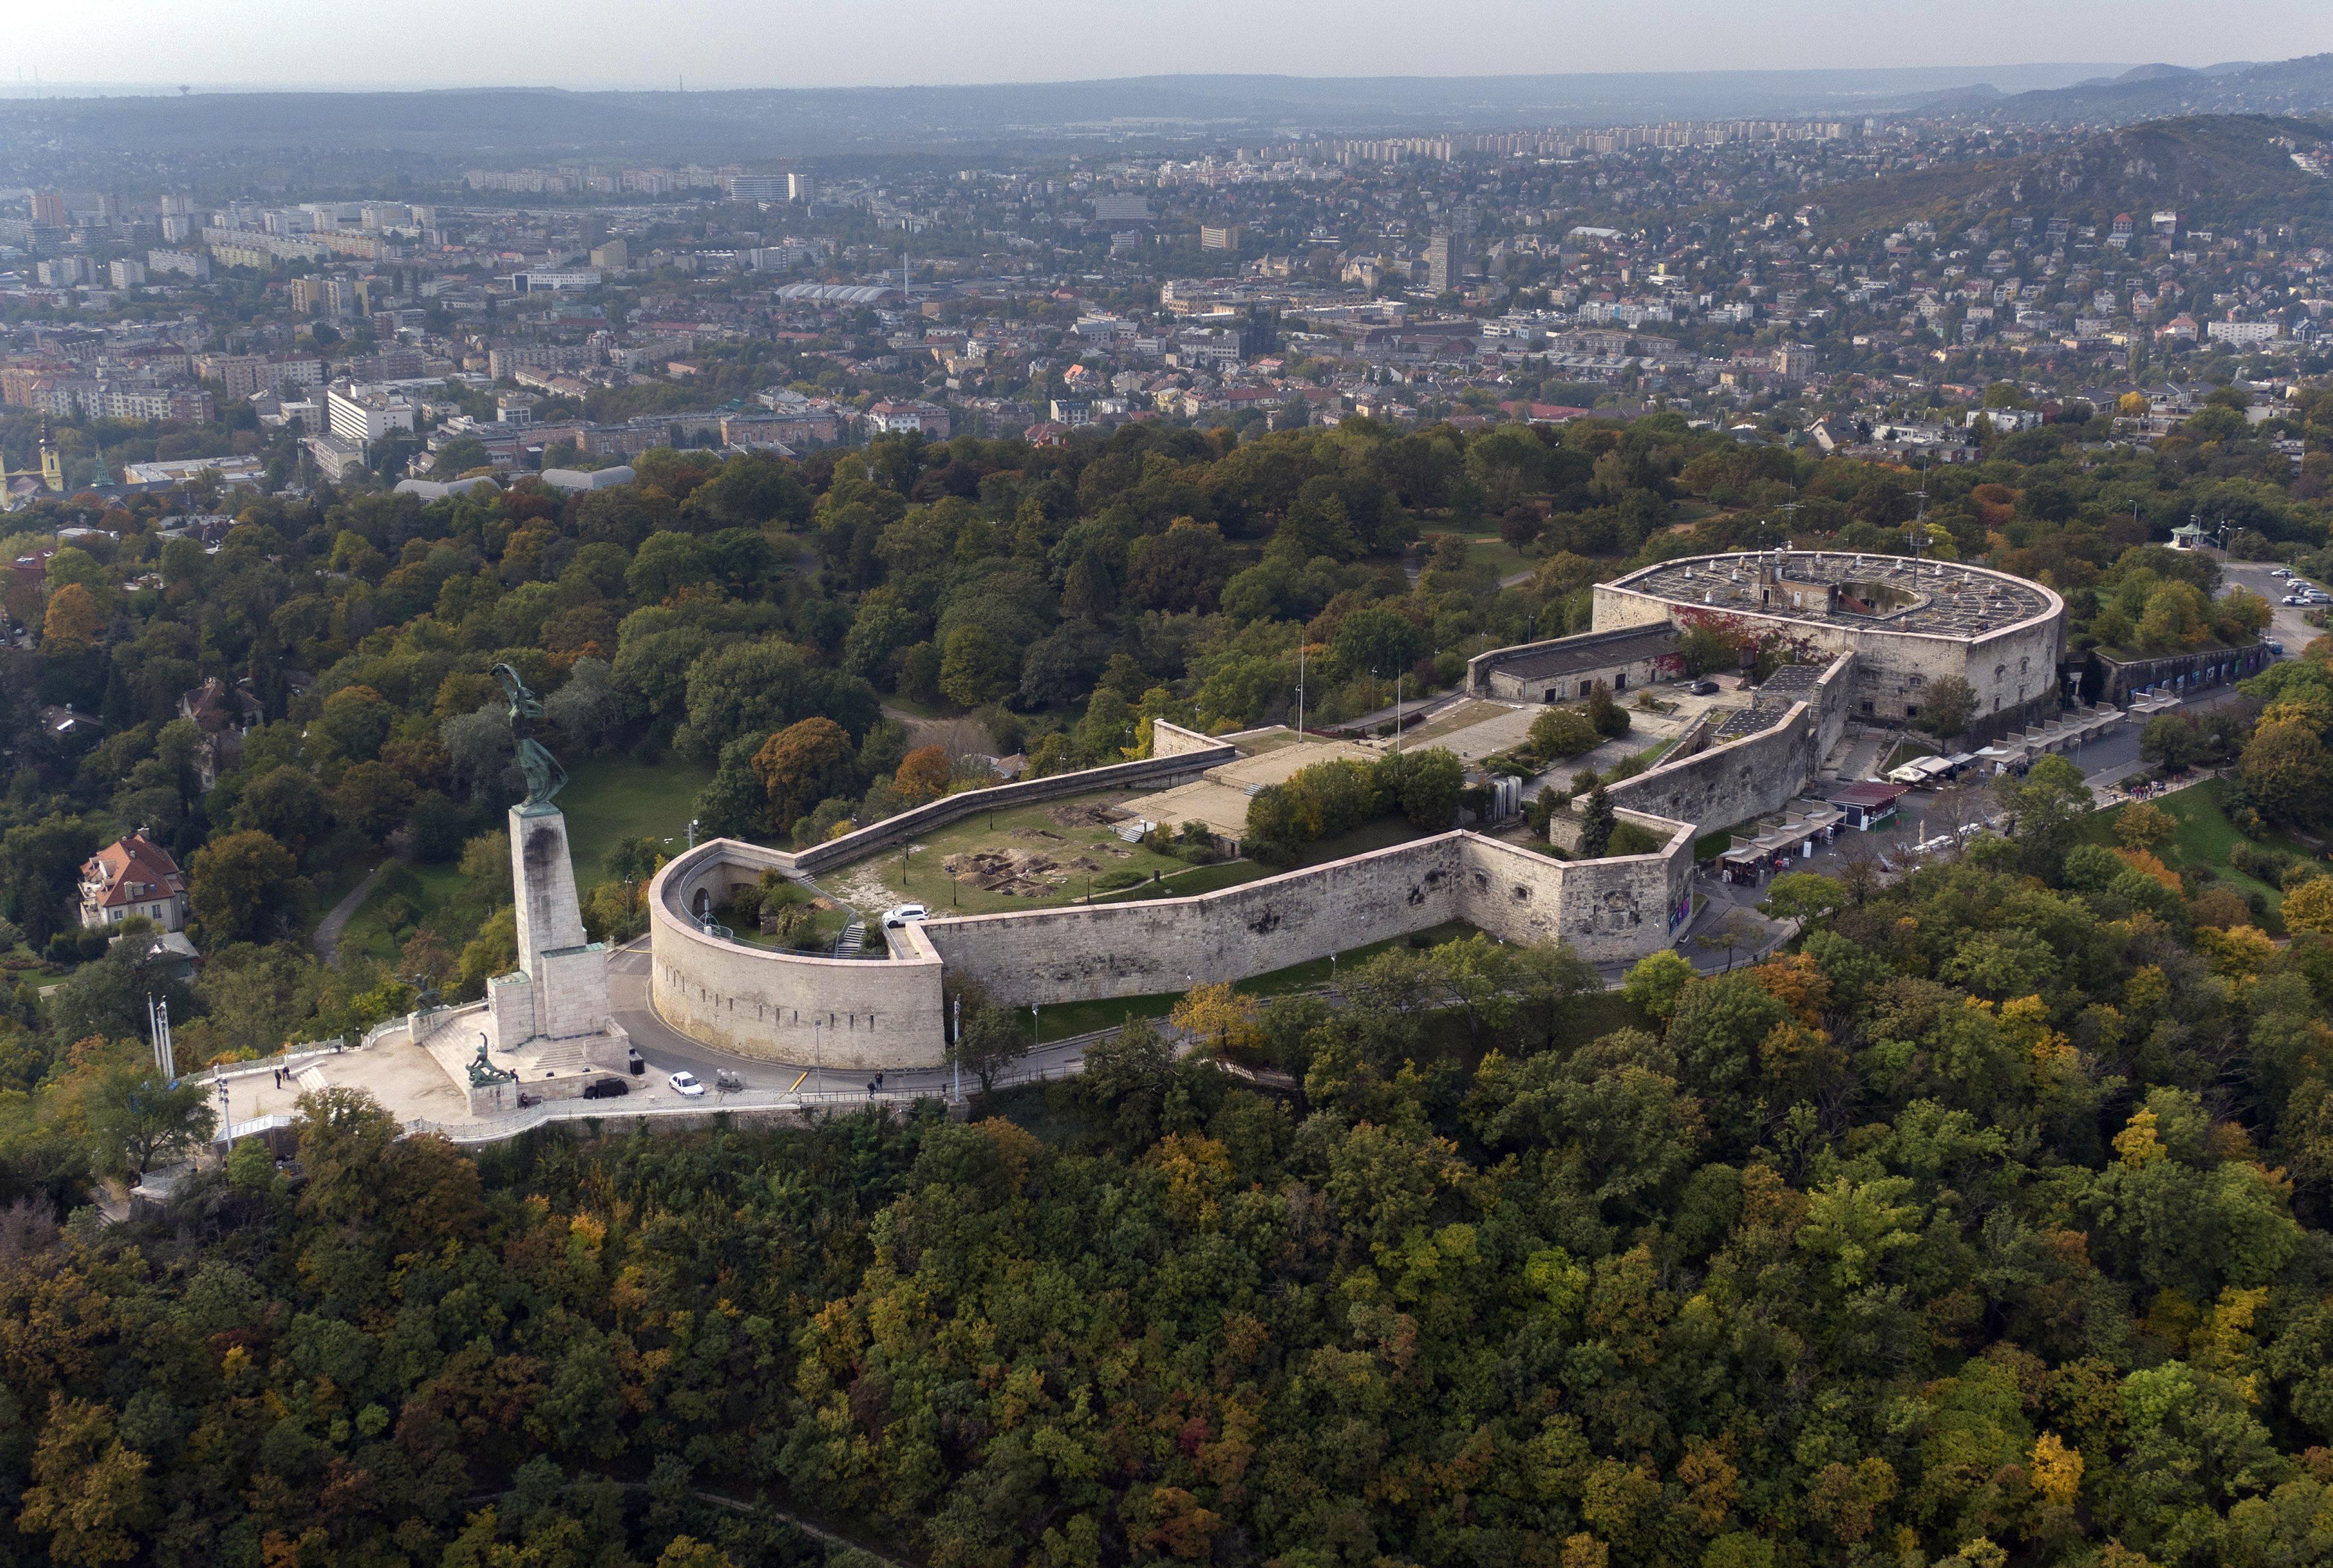 Szavazhatnak a budapestiek arról, hogy mire adjon a város egymilliárd forintot